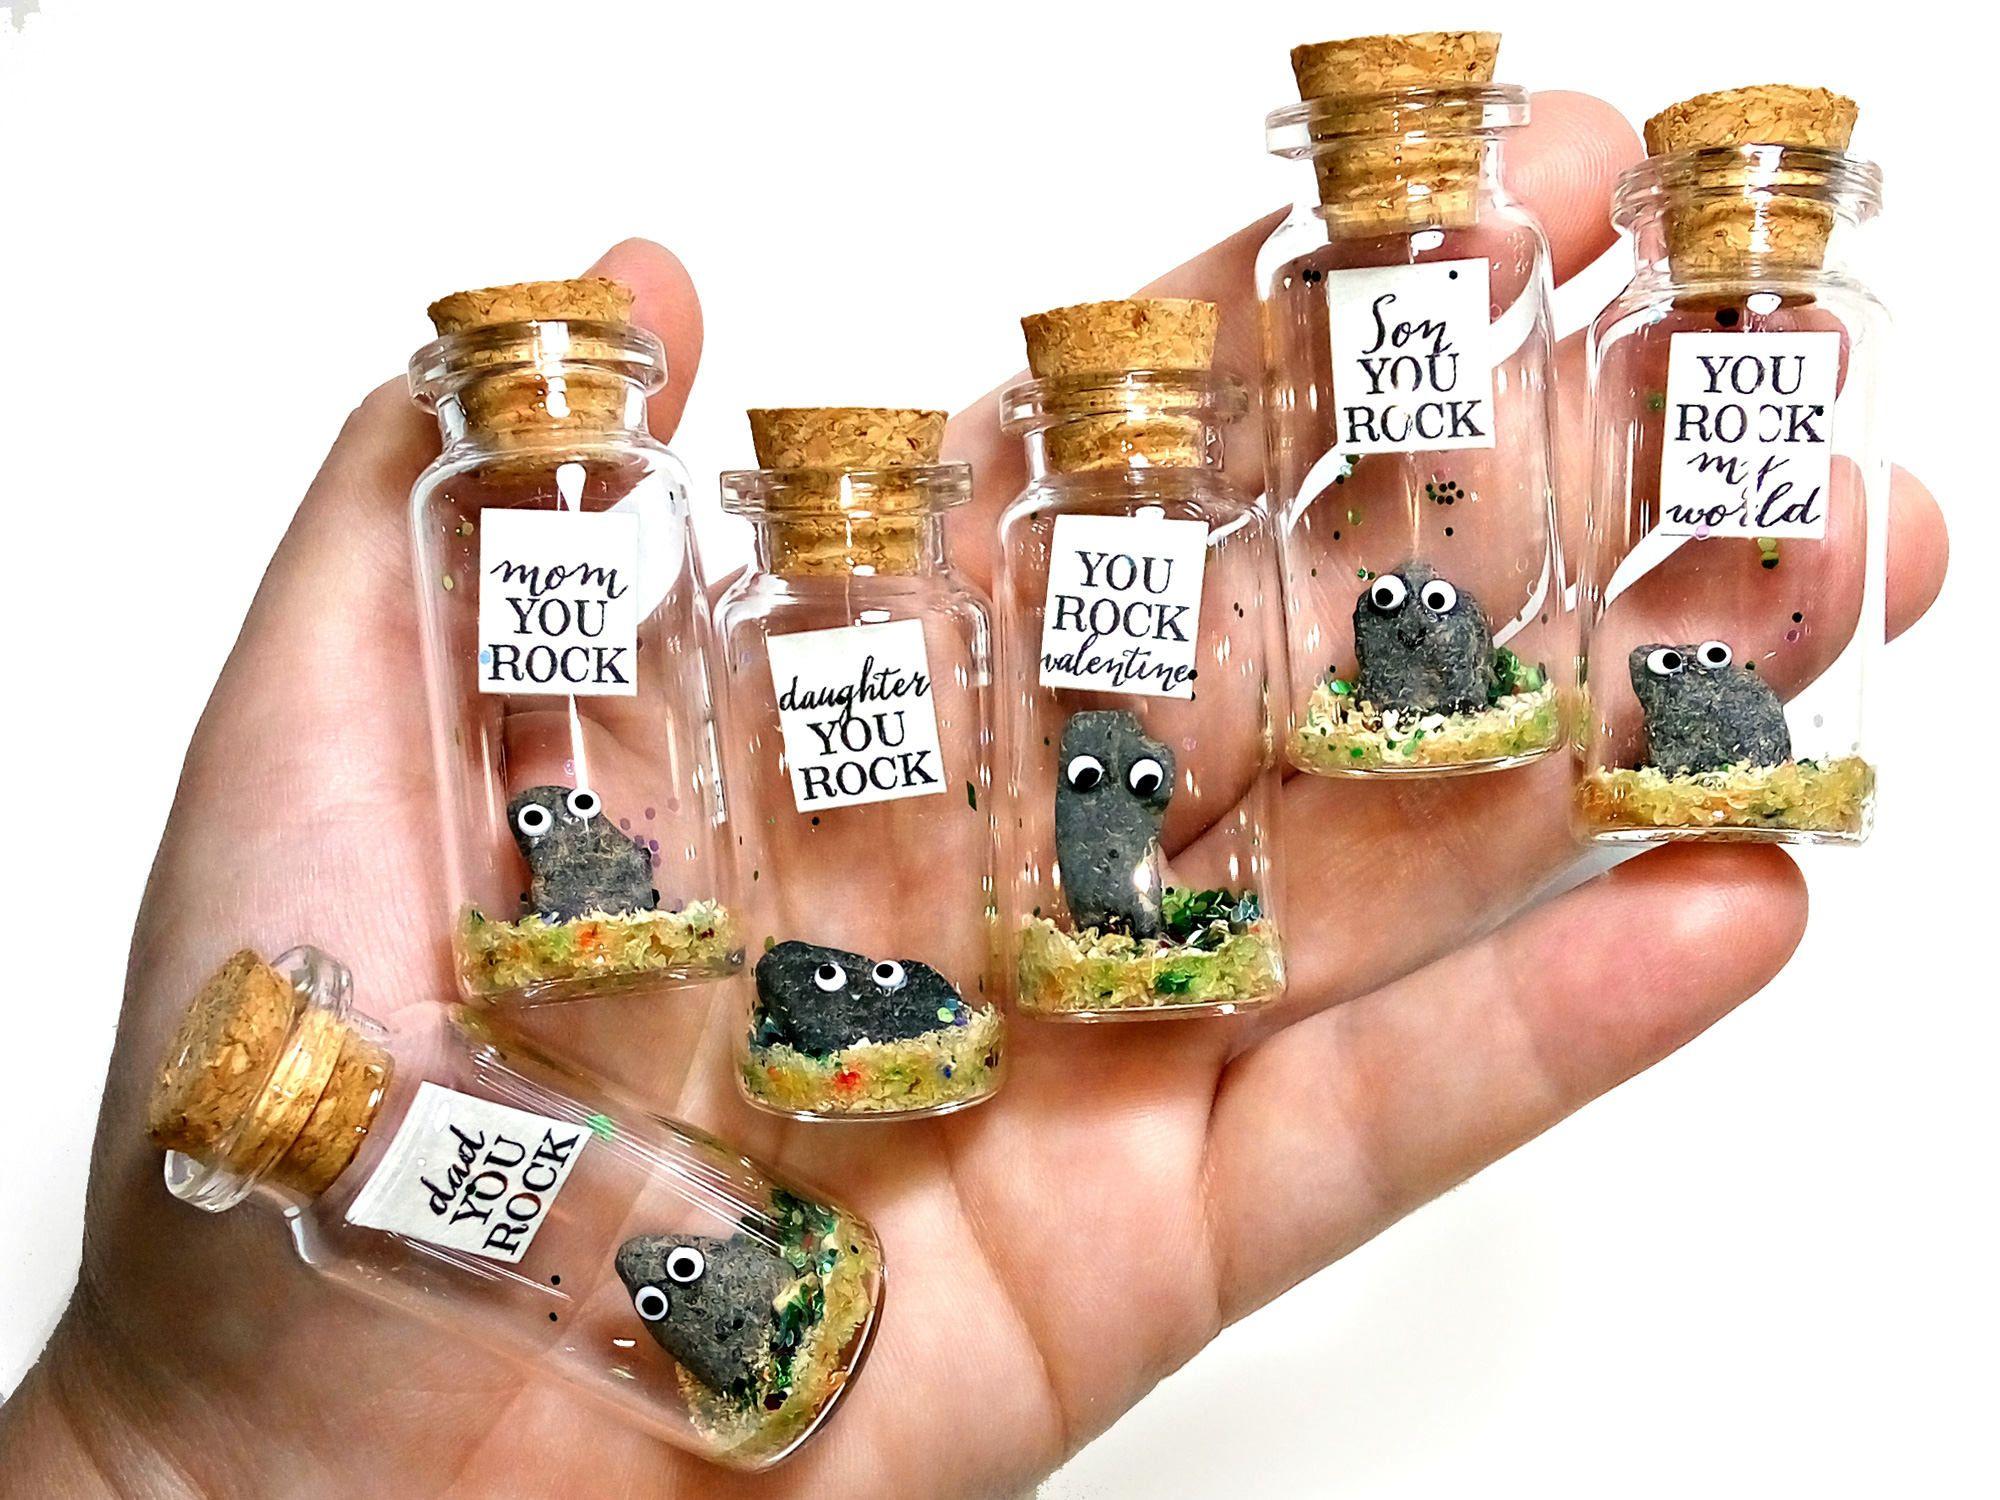 You rock! Mensaje en una botella. Miniaturas. Regalo personalizado. Divertida postal de amor. Geología. de EyMyMessage en Etsy